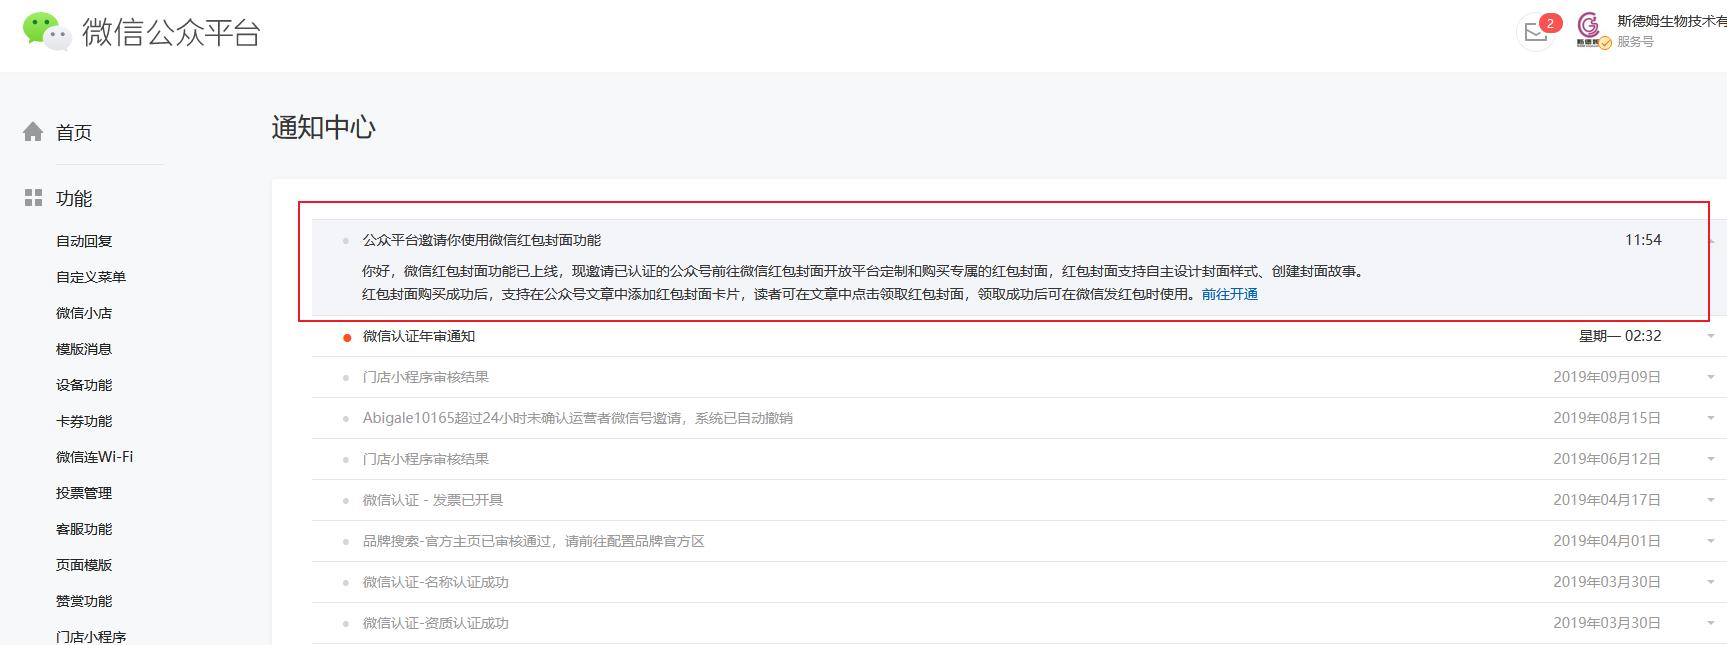 微信公众号文章也可以发放定制微信红包封面了